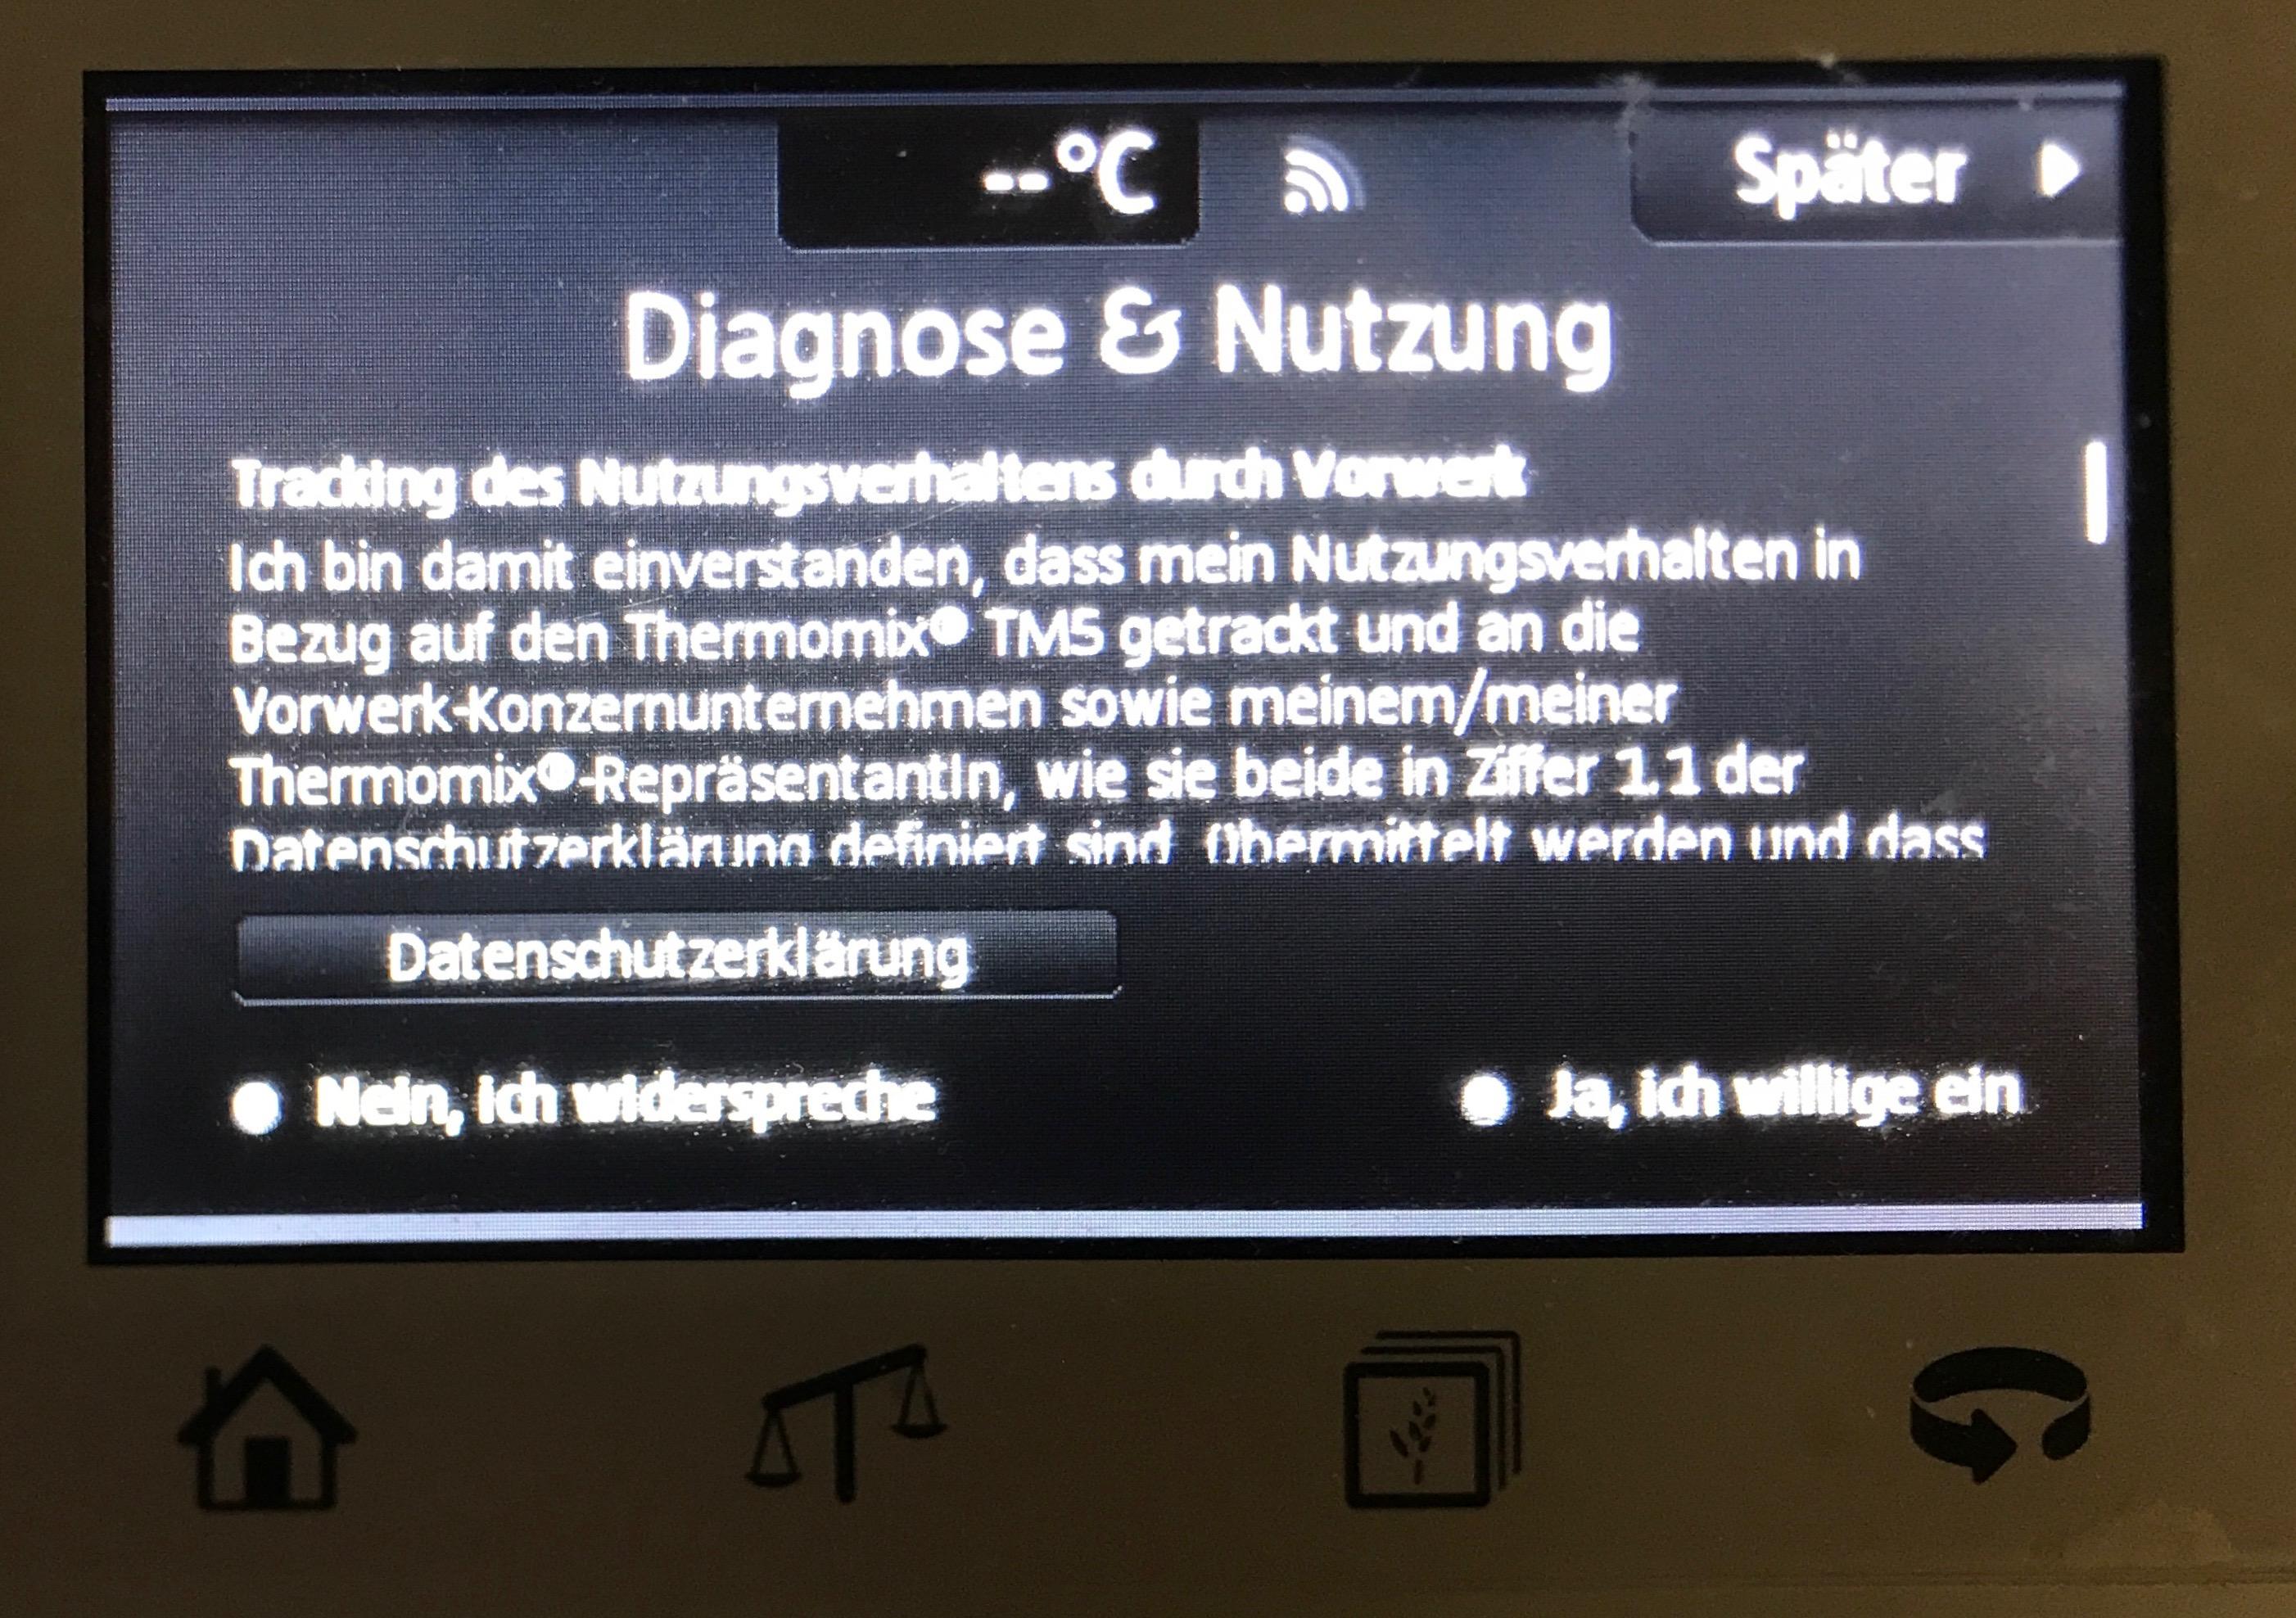 TM Diagnose und Nutzung